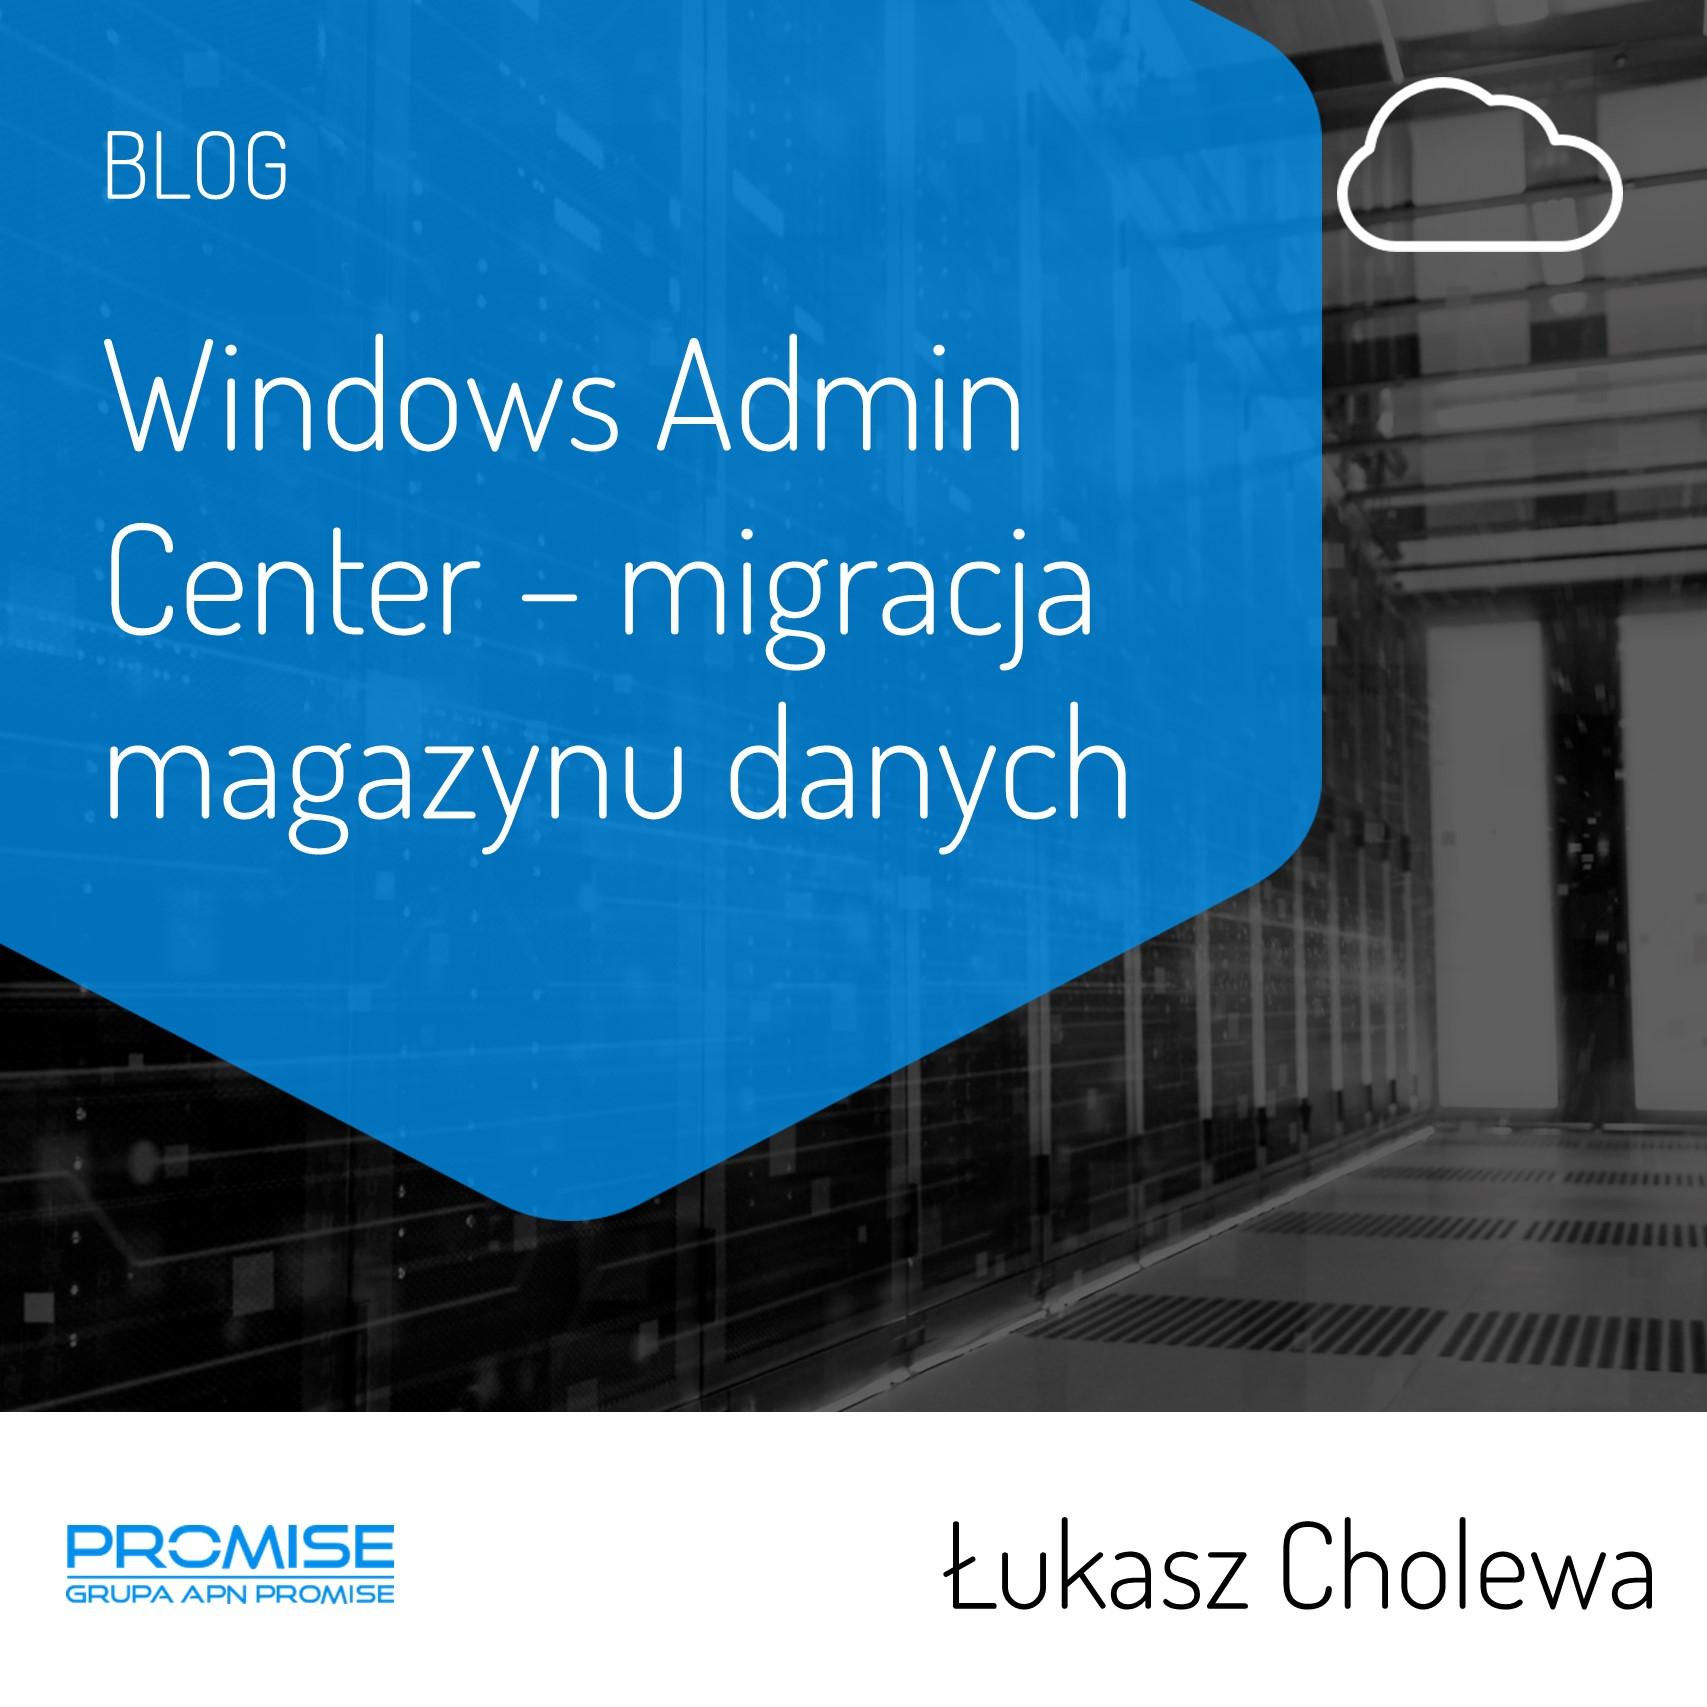 Windows Admin Center - migracja magazynu danych